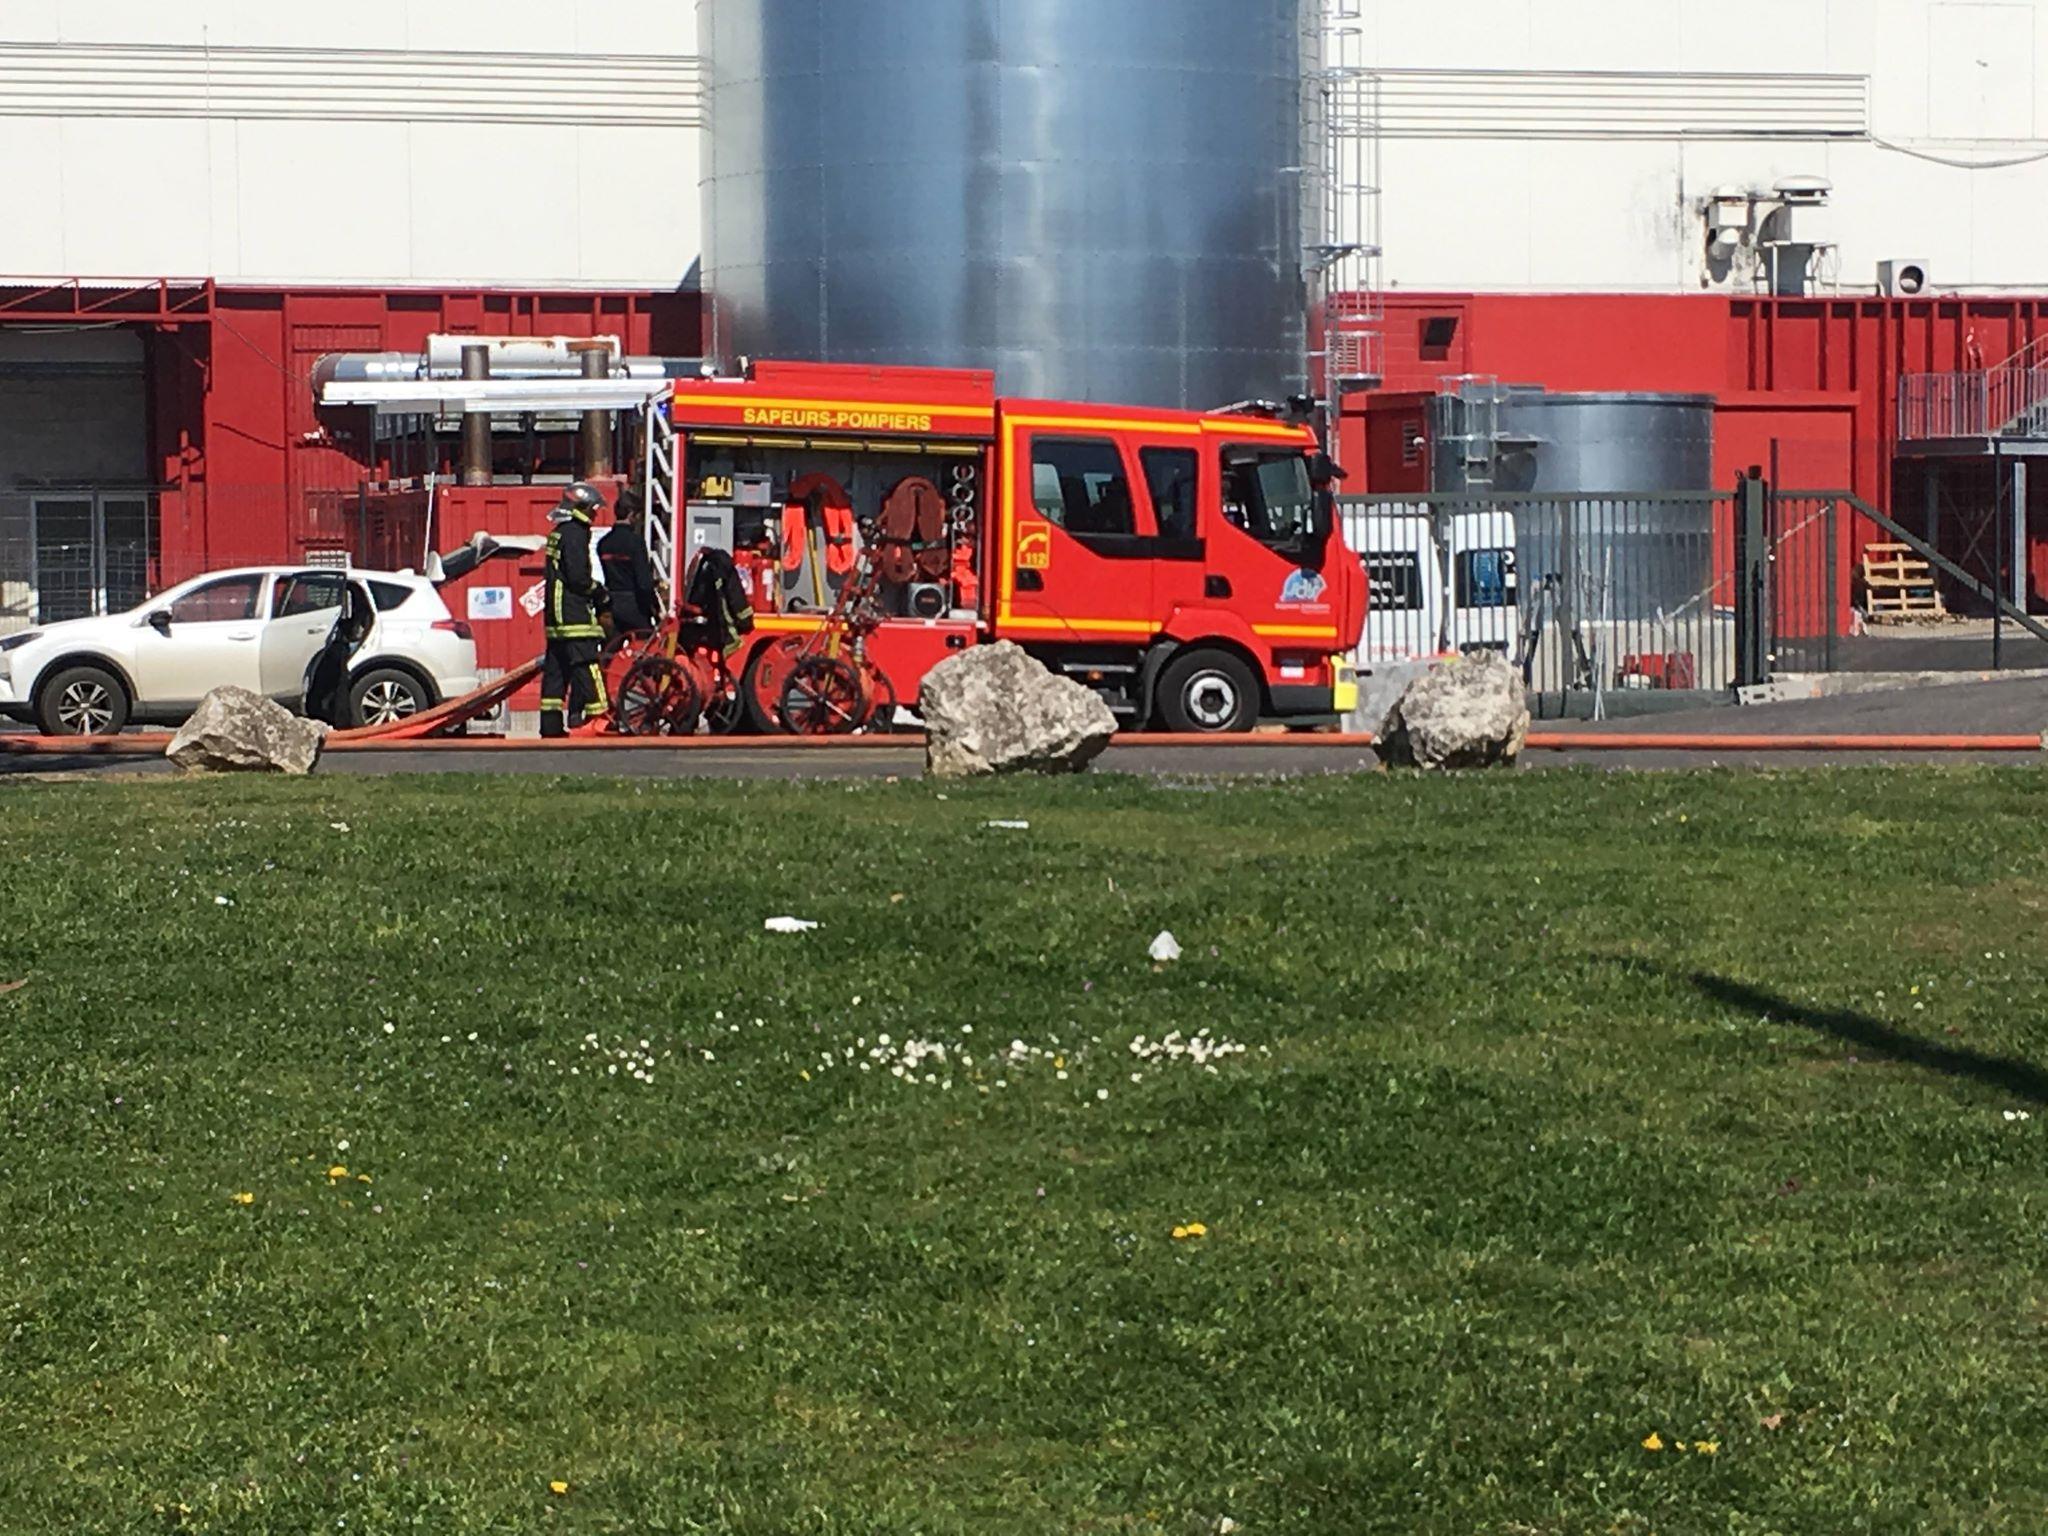 🇫🇷 Toulouse (31) : Un feu s'est déclaré dans un magasin contenant des produits hautement inflammables